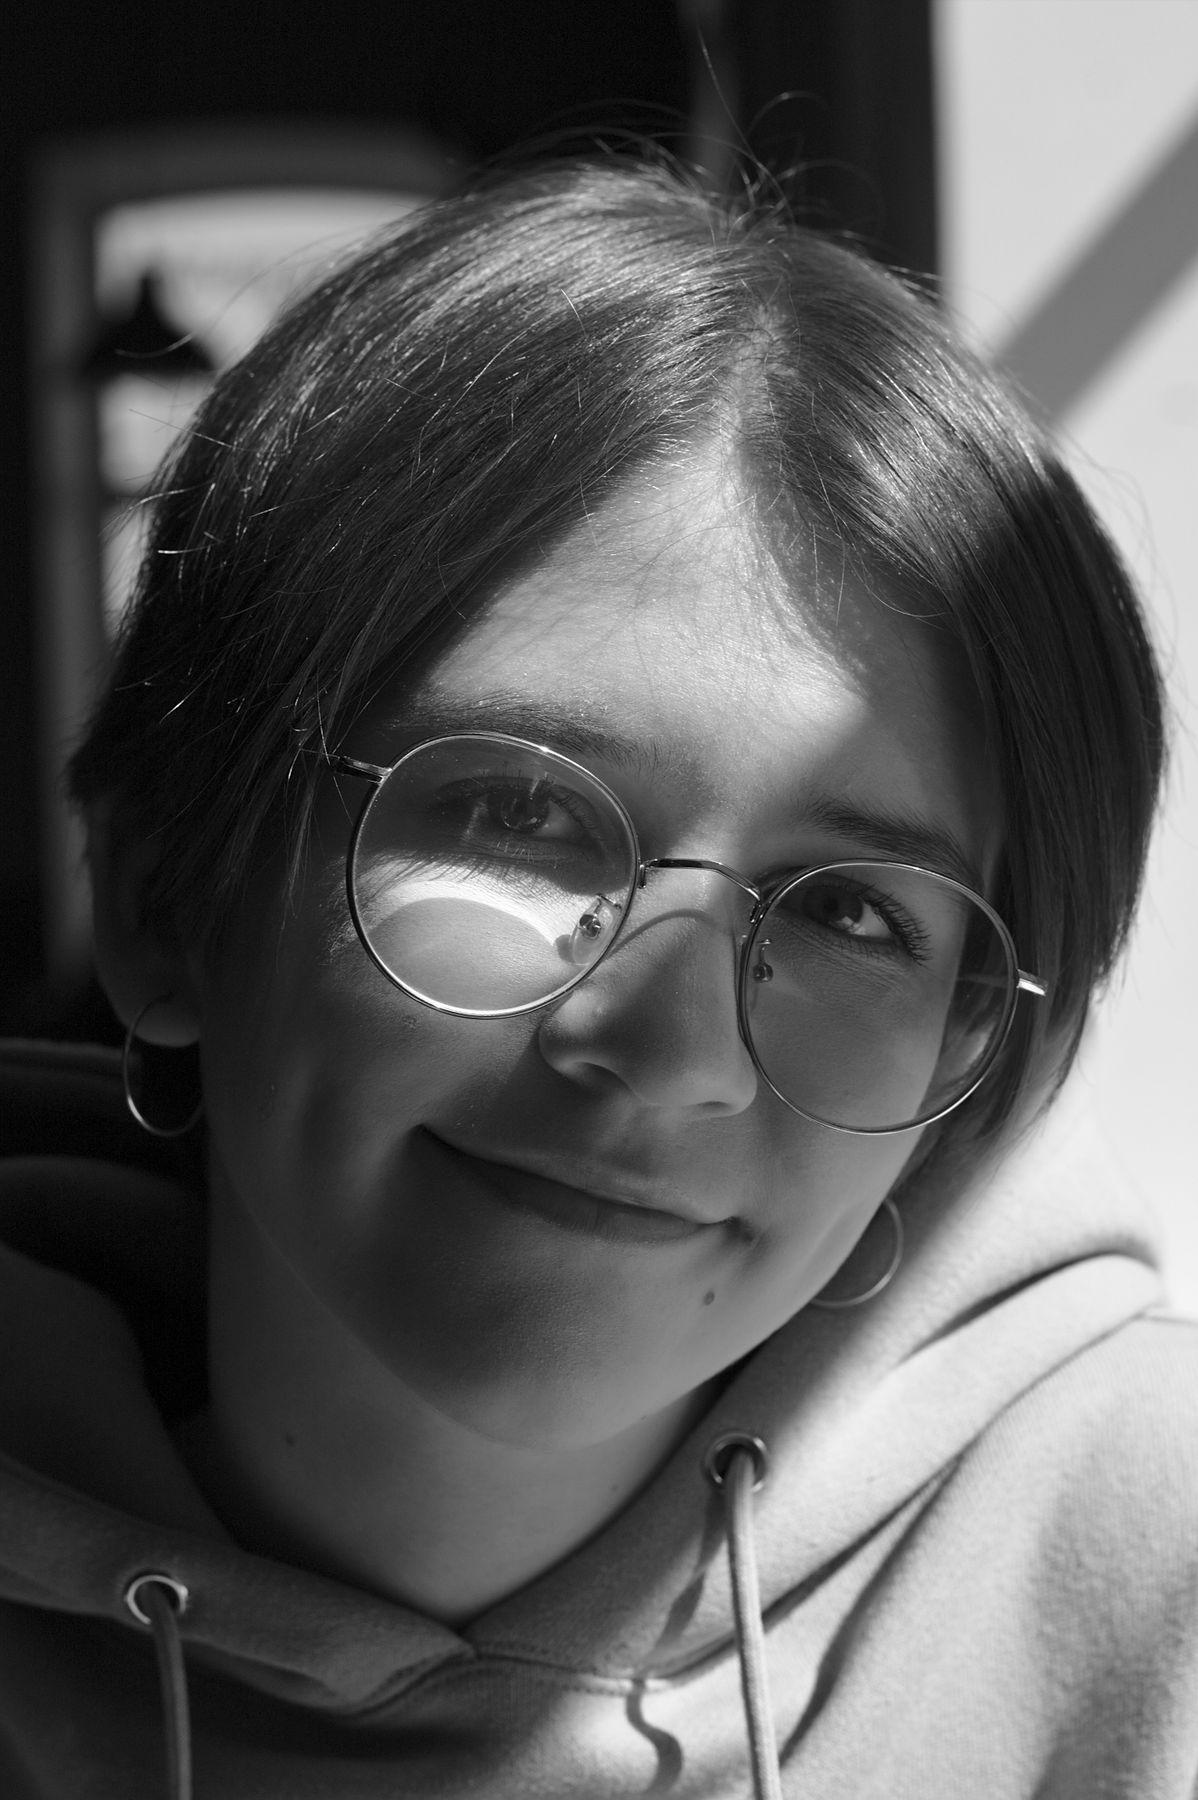 17.04.21. Портрет (2). девушка юность портрет фотография чёрно белая